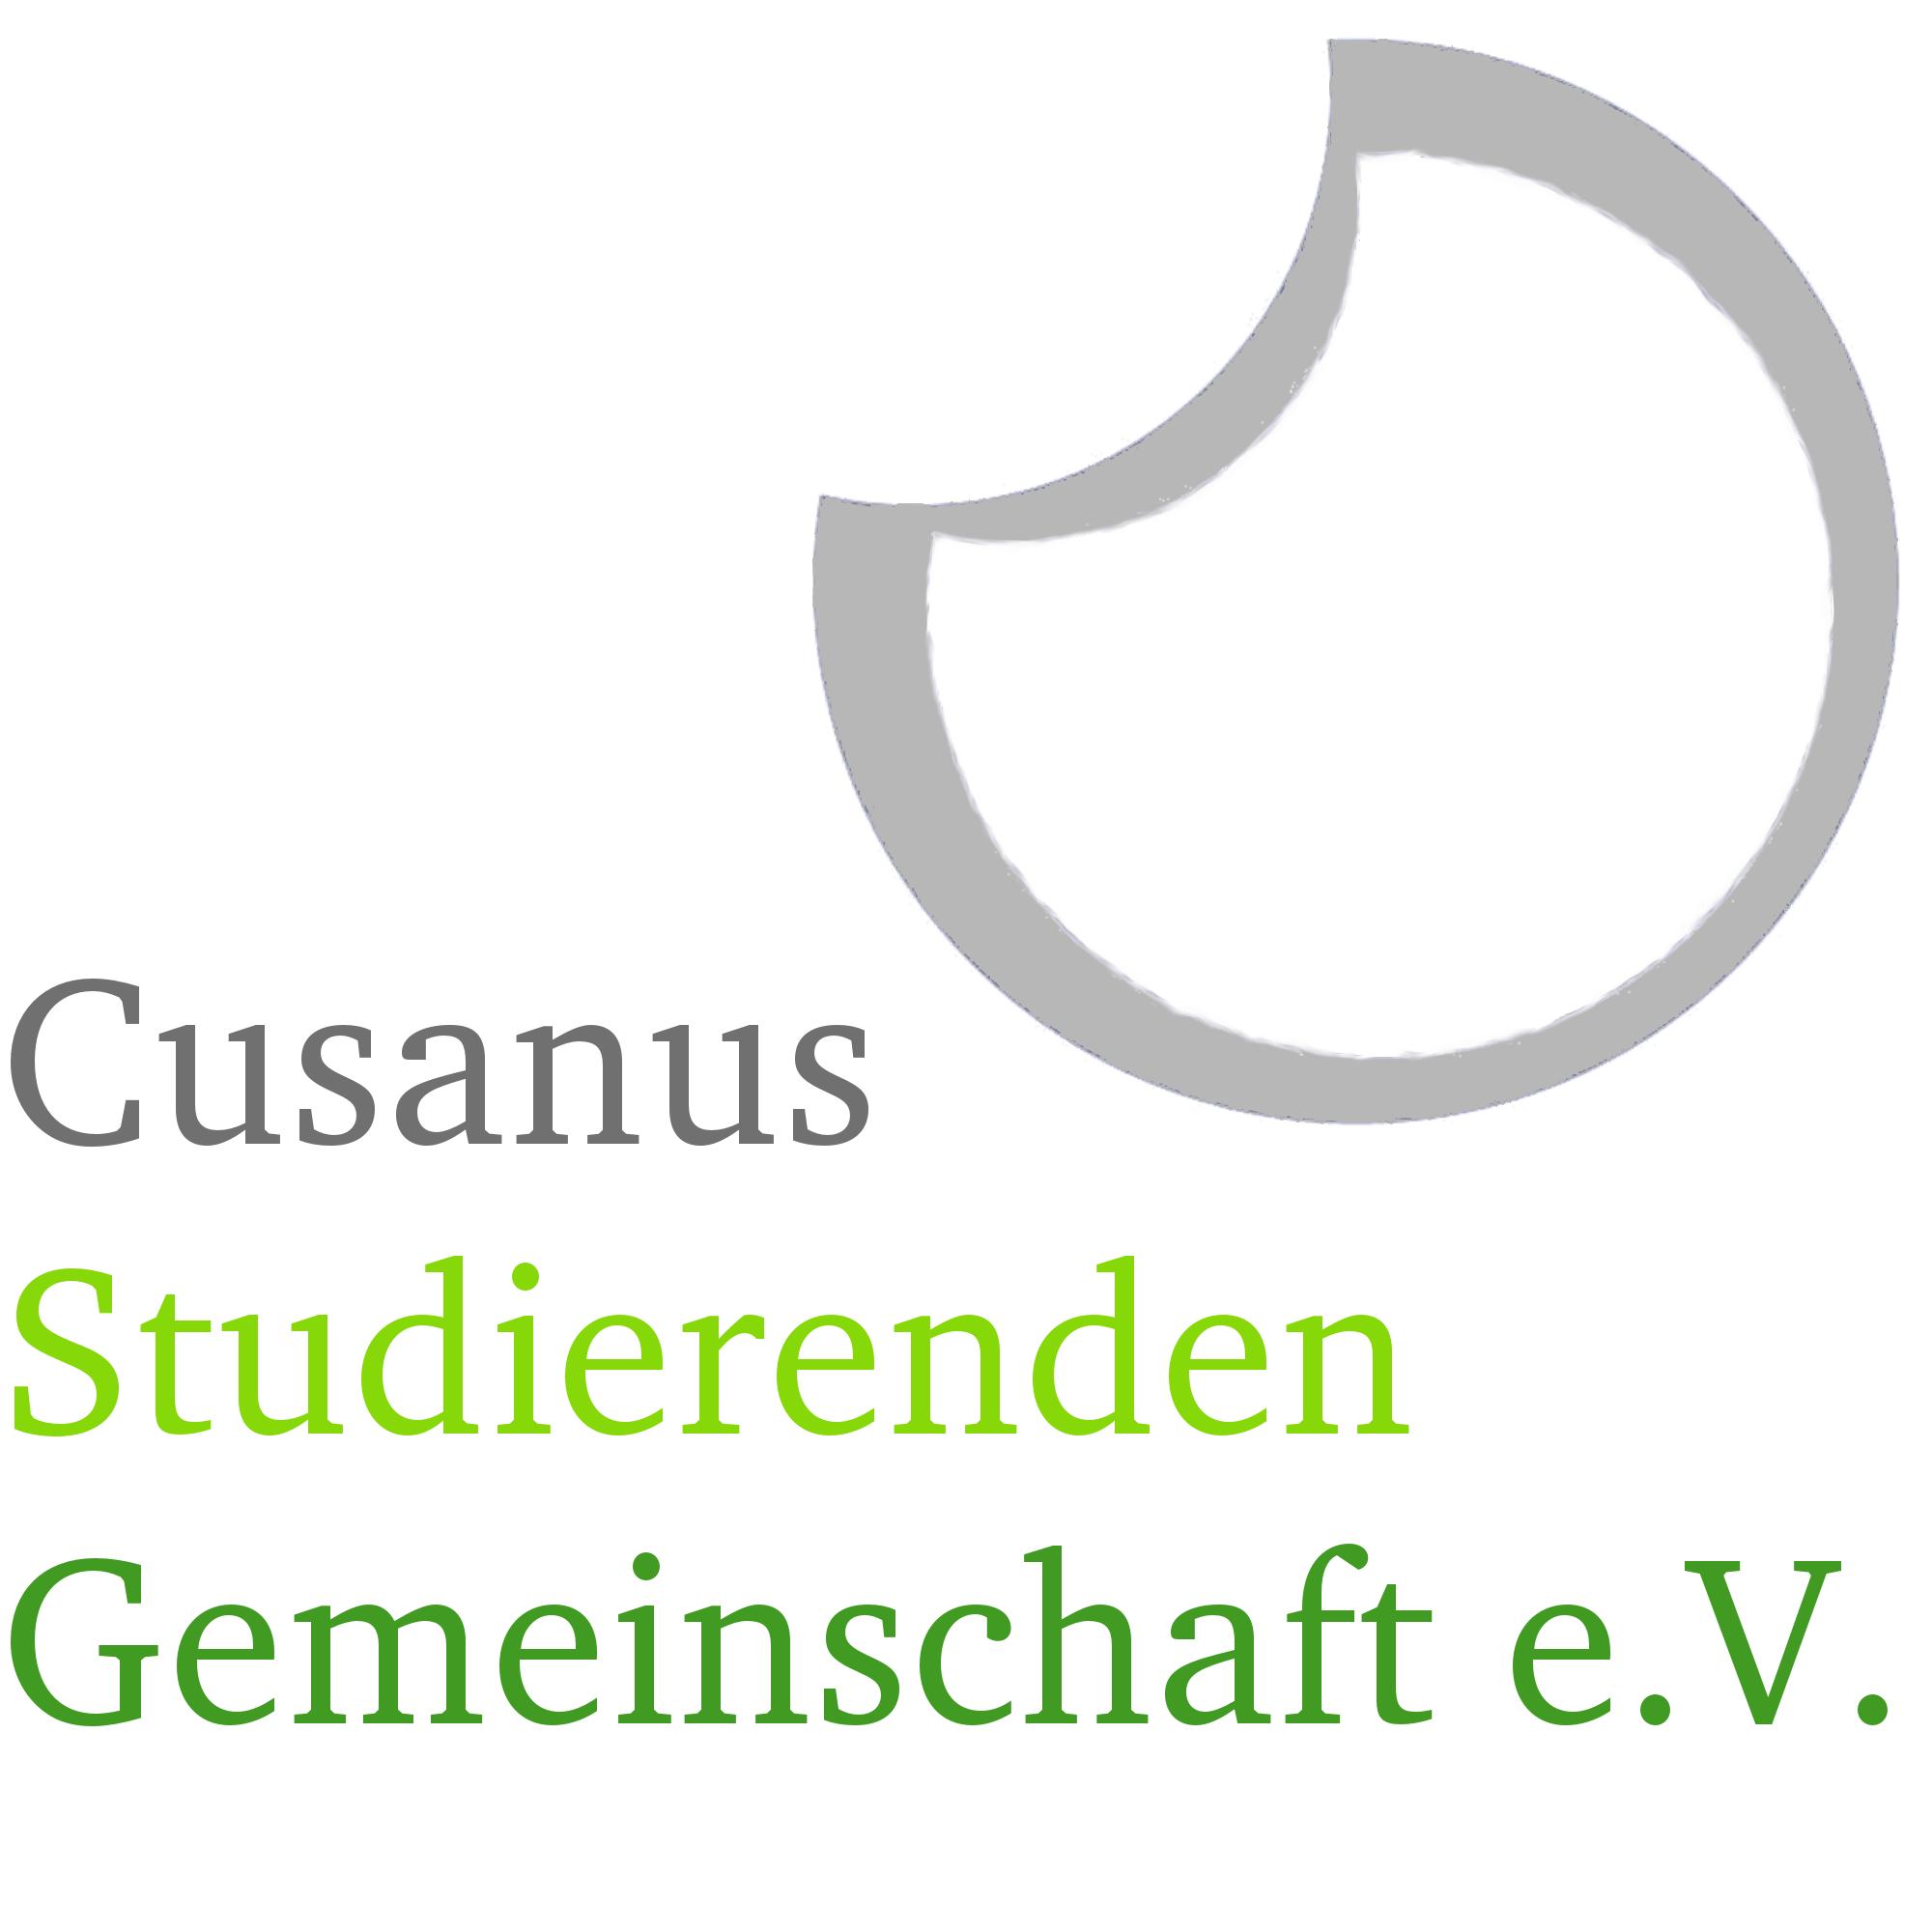 Cusanus Studierendengemeinschaft e.V